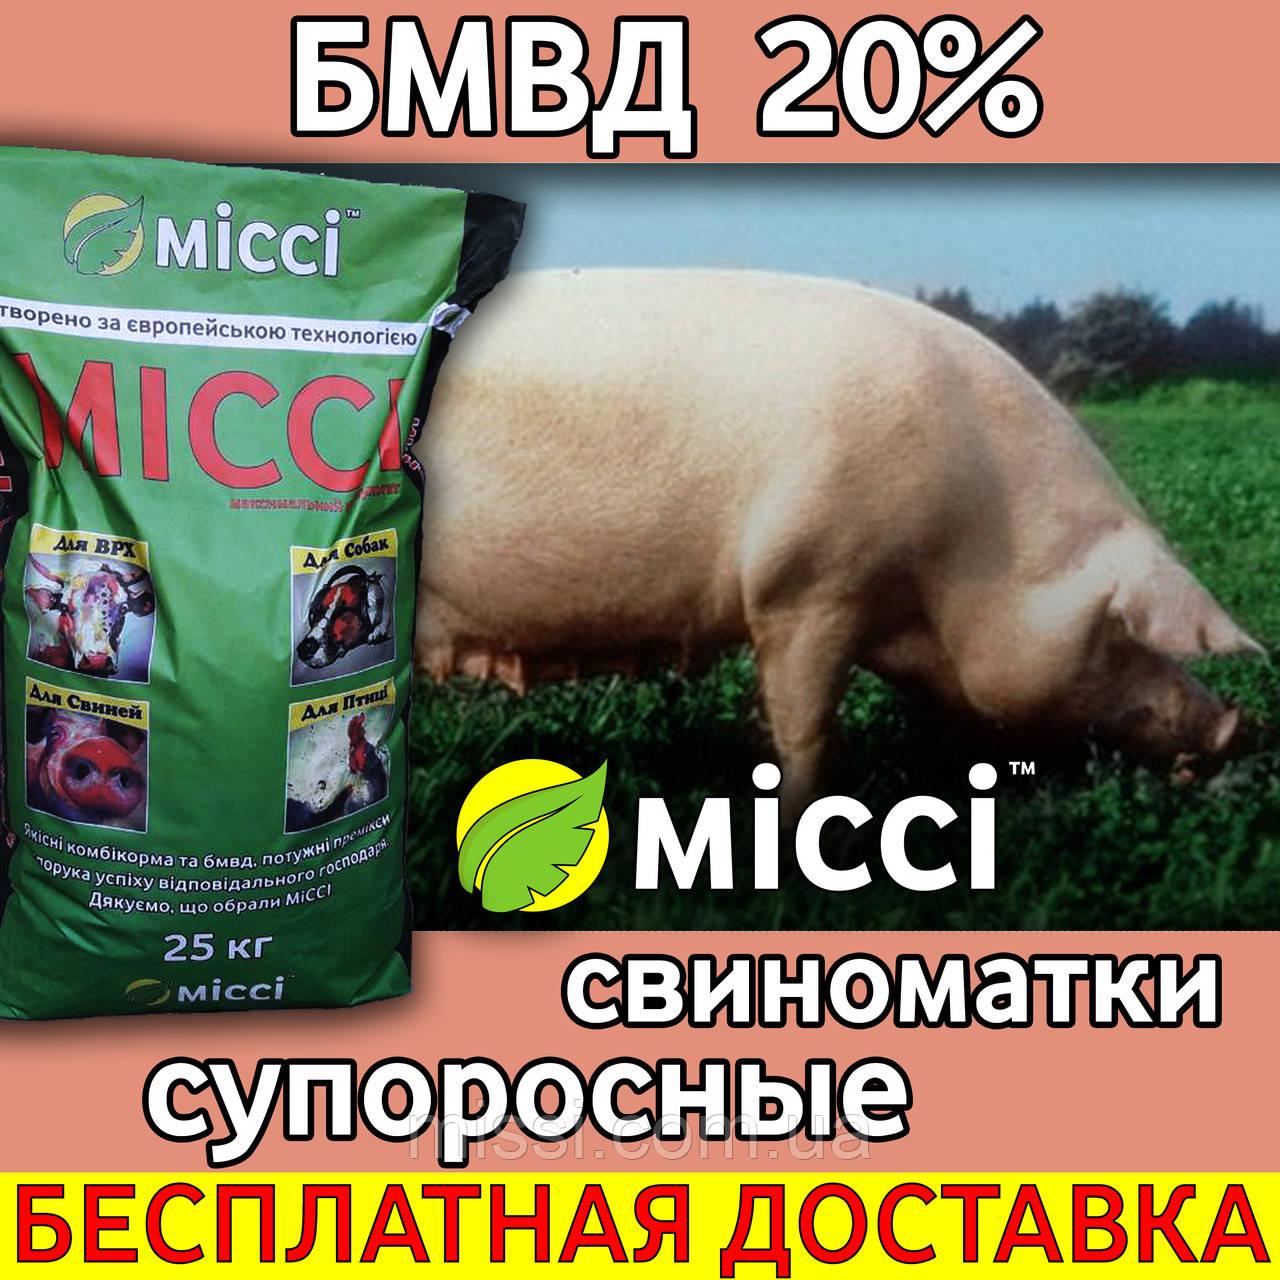 БМВД для СУПОРОСНЫХ свиноматок 20% (мешок 25 кг) Мисси